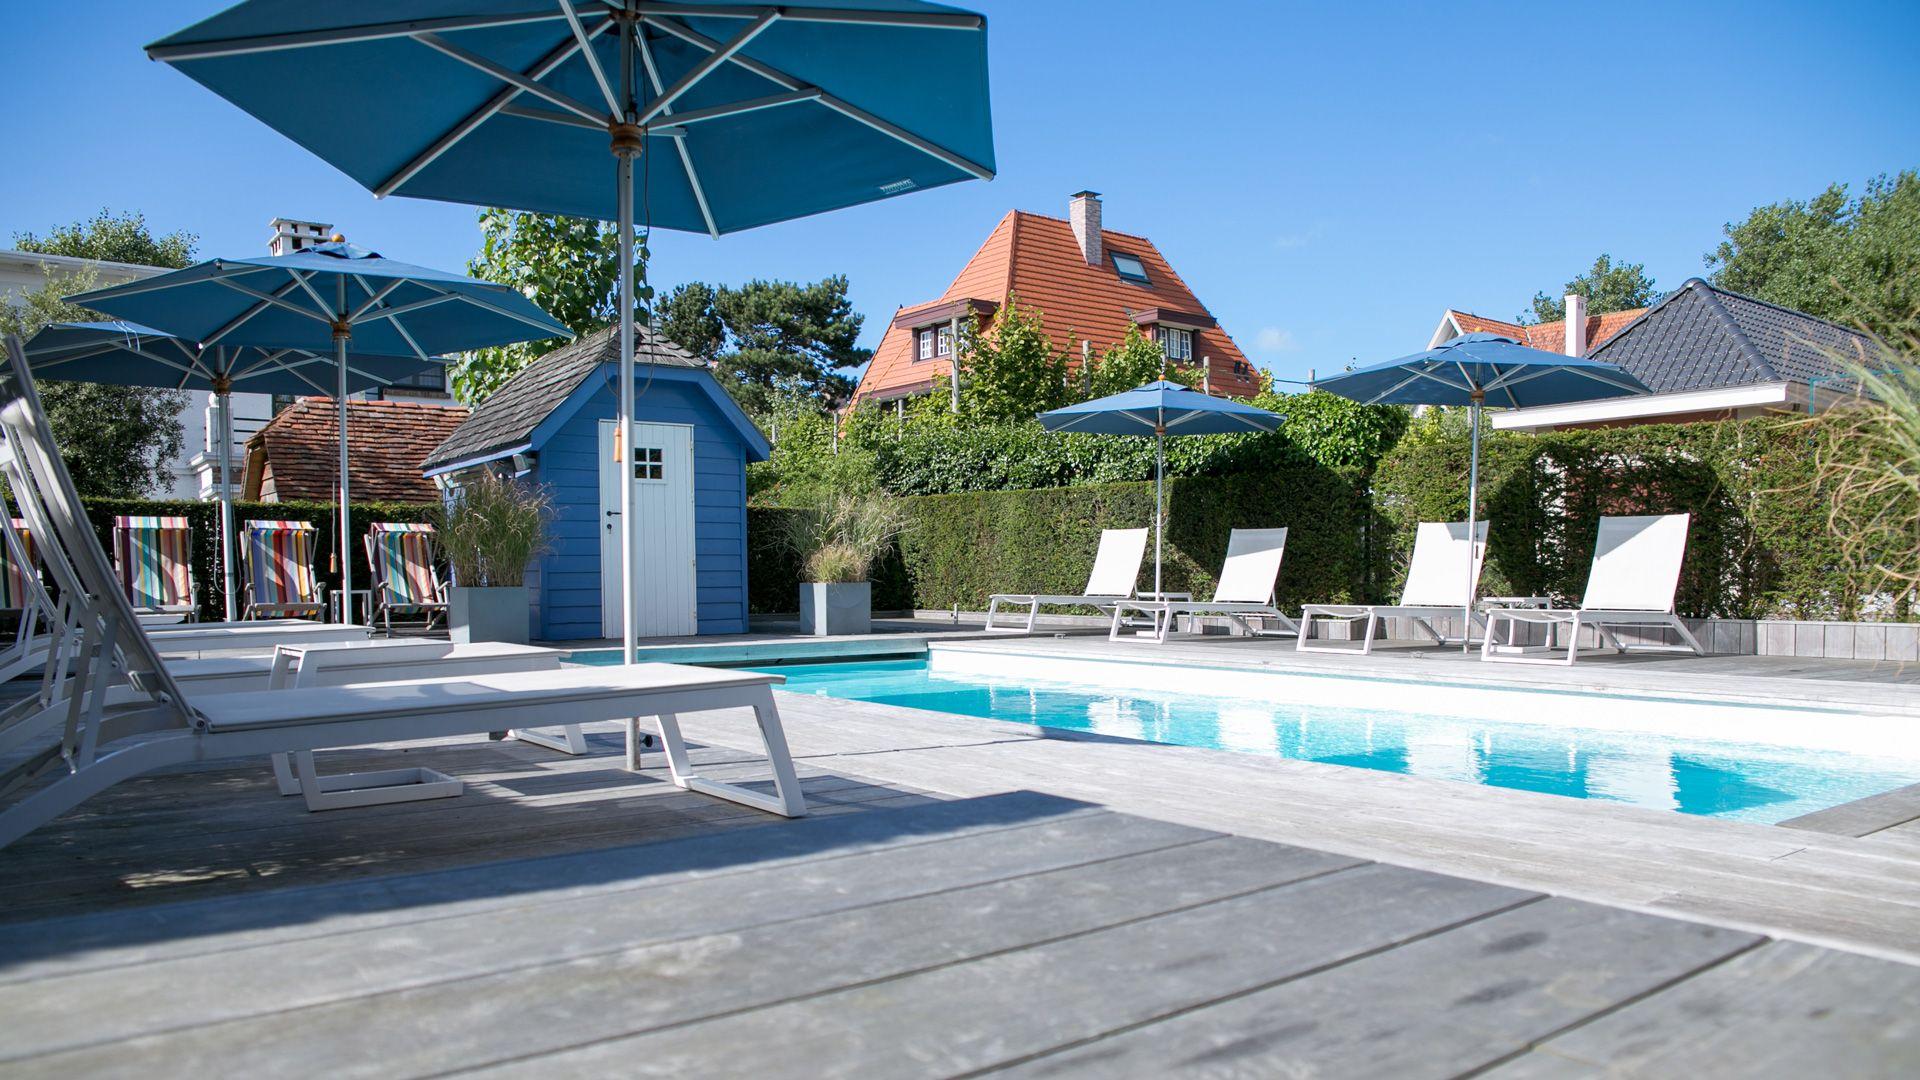 De Haan - Huis / Maison - conciergewoning zonnehuis